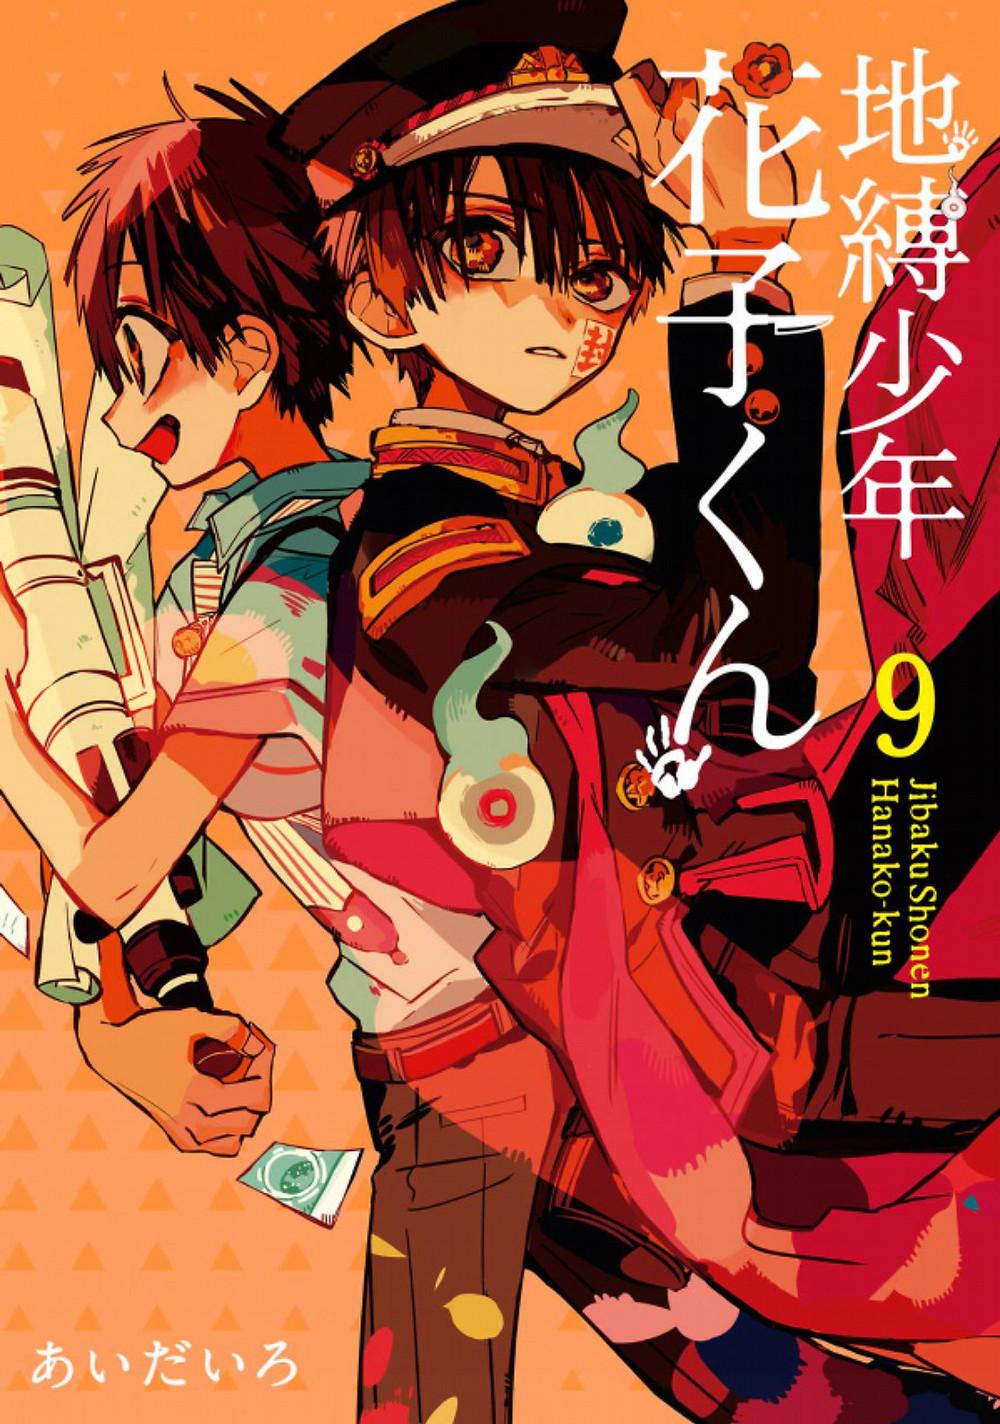 Манга Туалетный мальчик Ханако-кун. Обложка тома 9. Студия комиксов Vaes Okshn